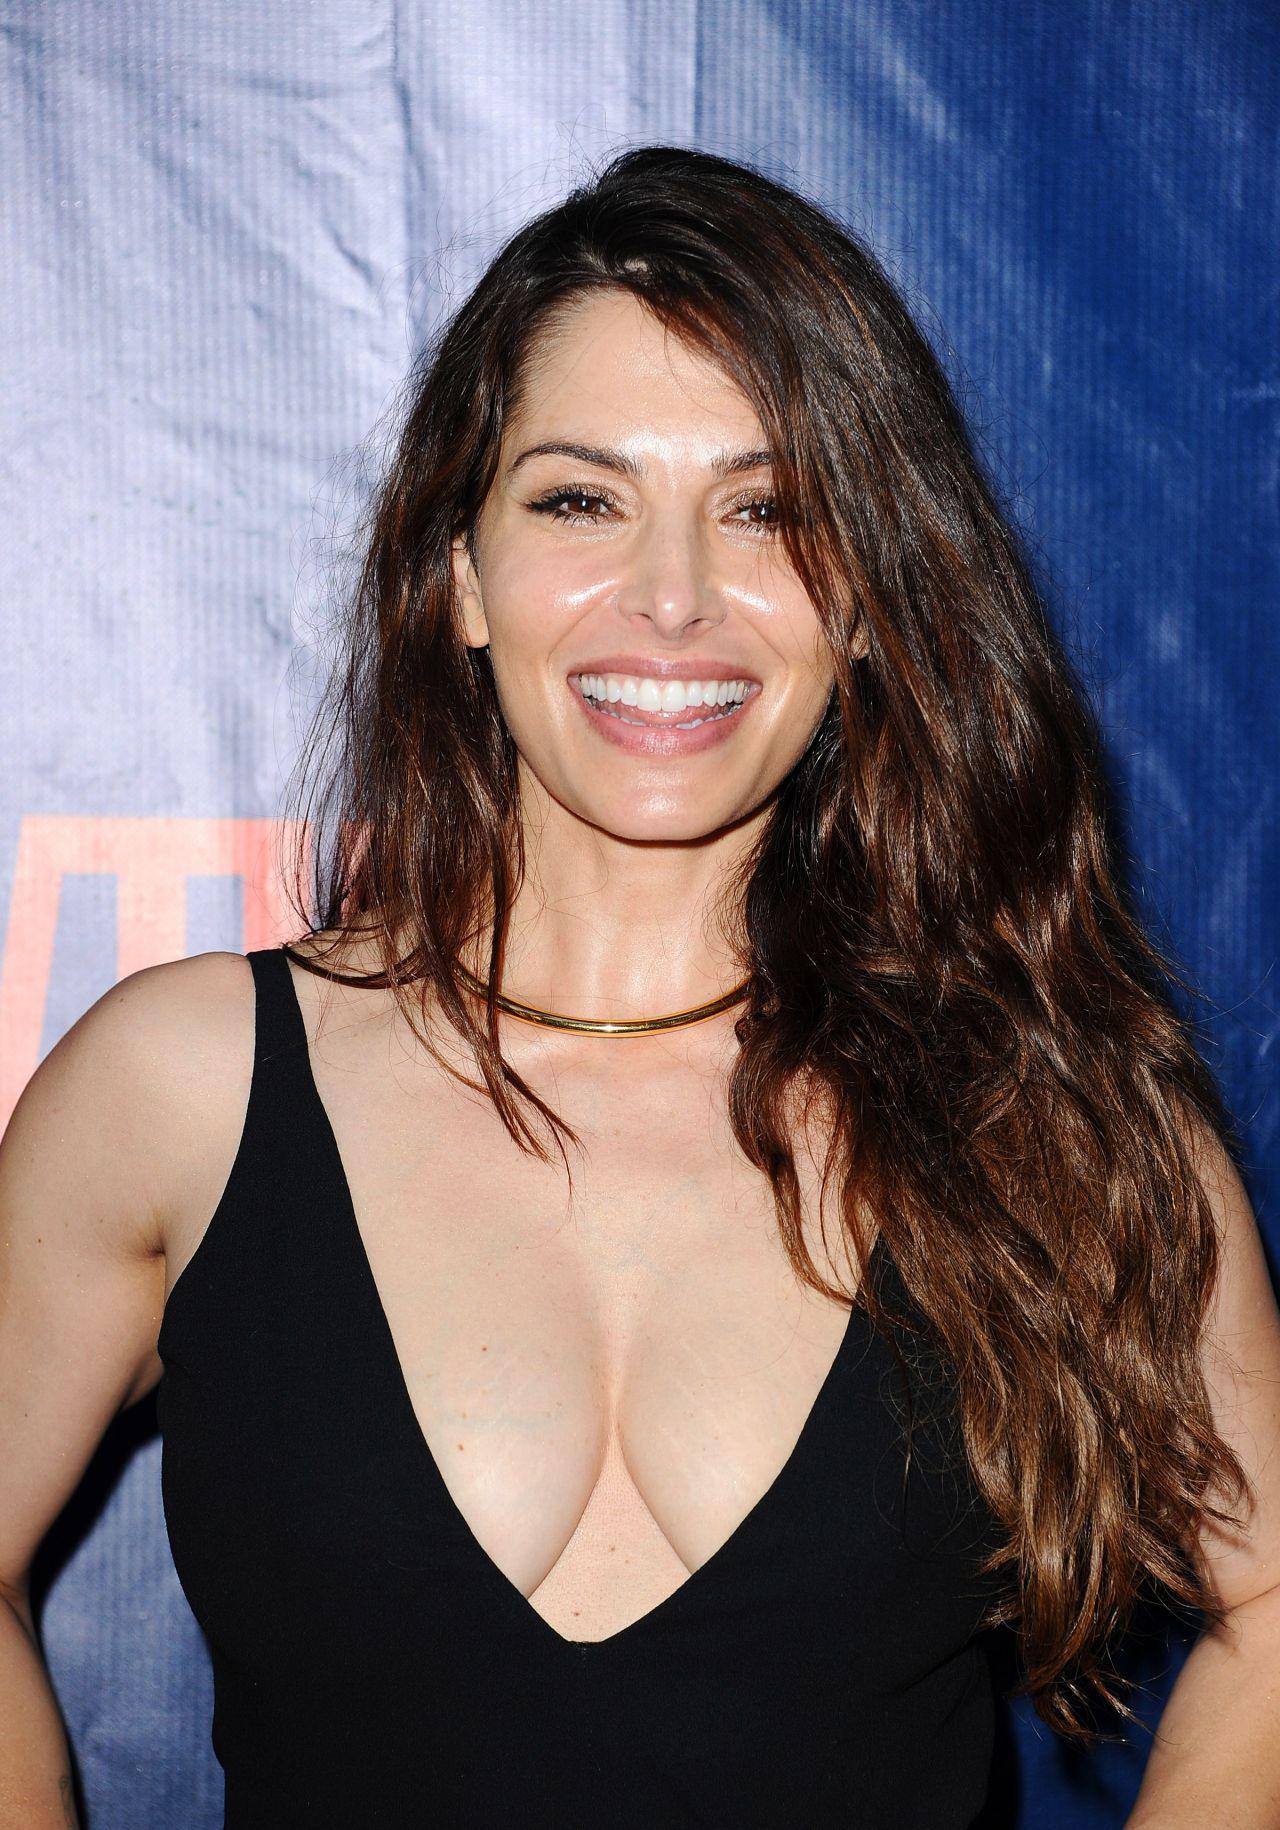 Sarah Shahi Hot Pictures photo 19